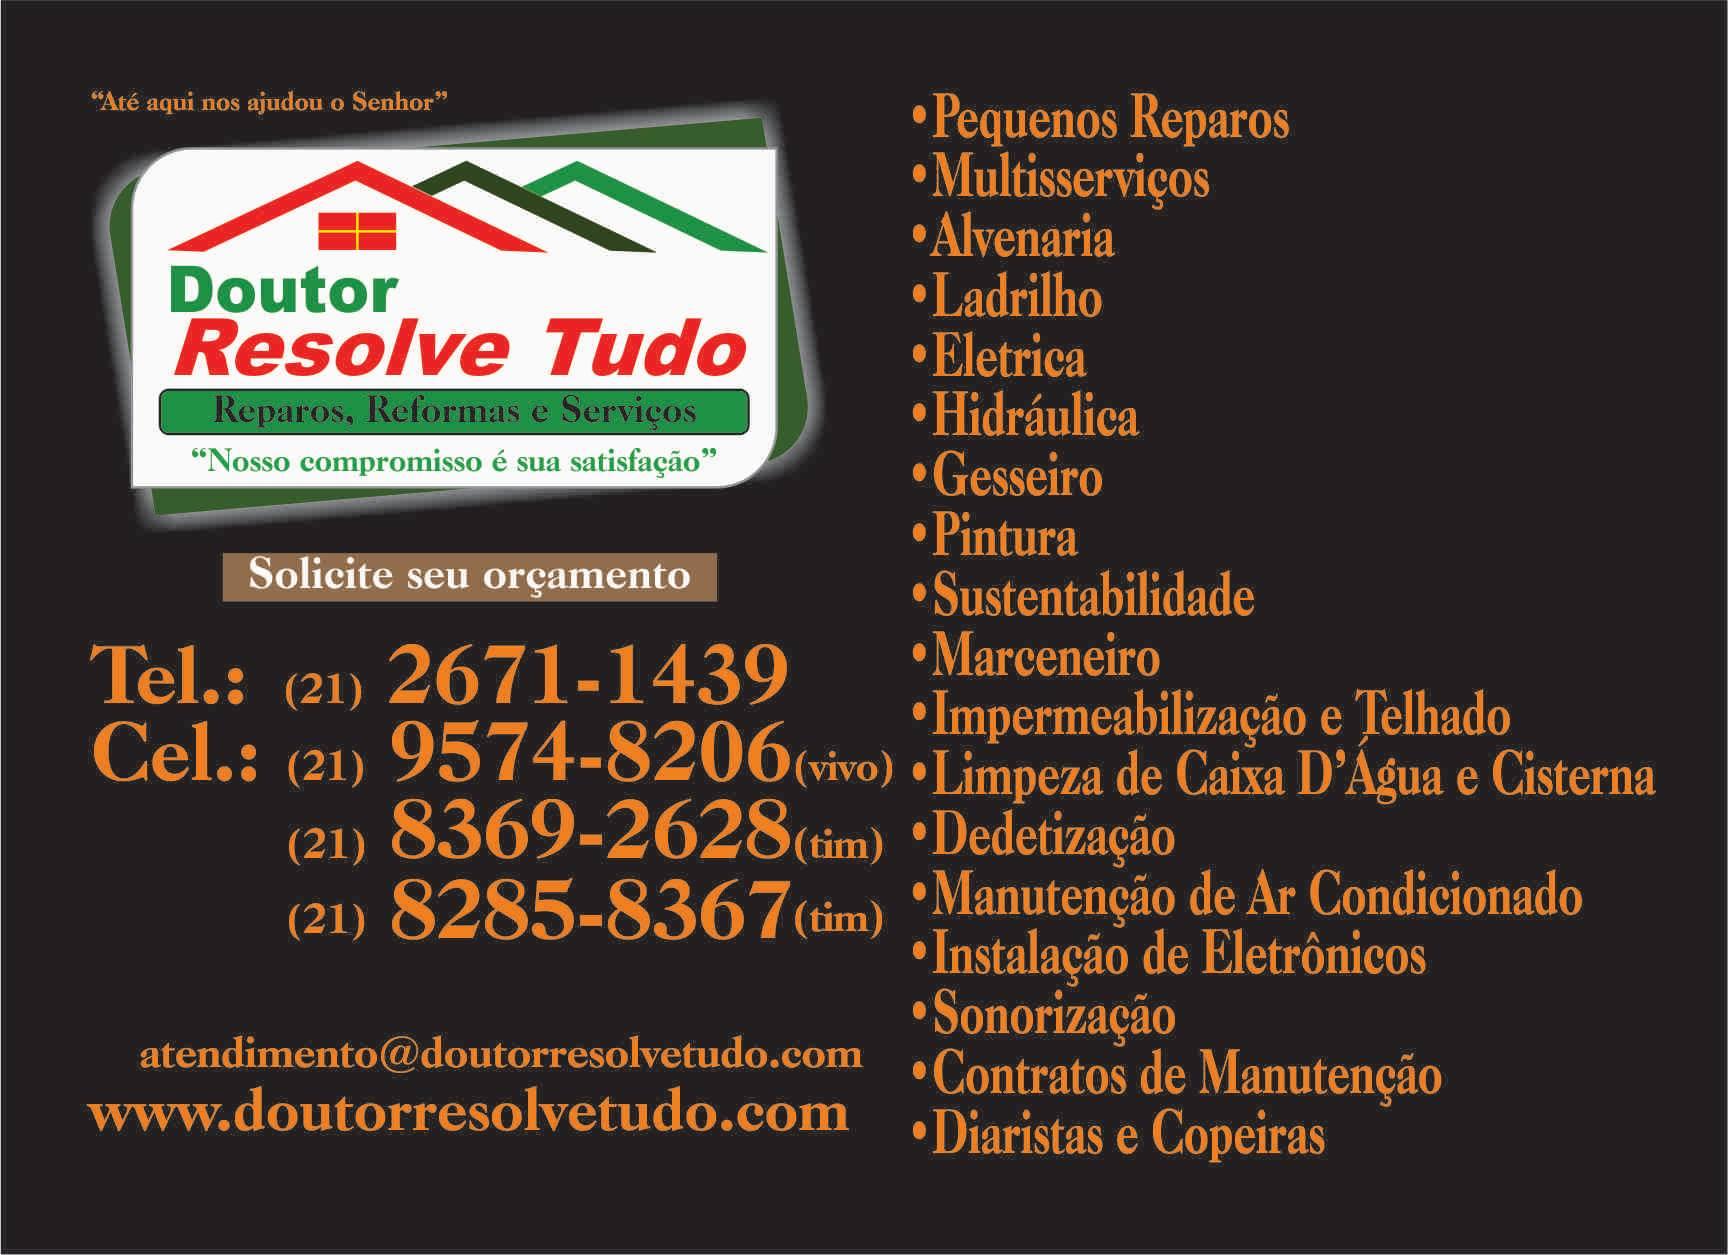 MANUTENCAO RESIDENCIAL EM DUQUE DE CAXIAS - DOUTOR RESOLVE TUDO - RJ